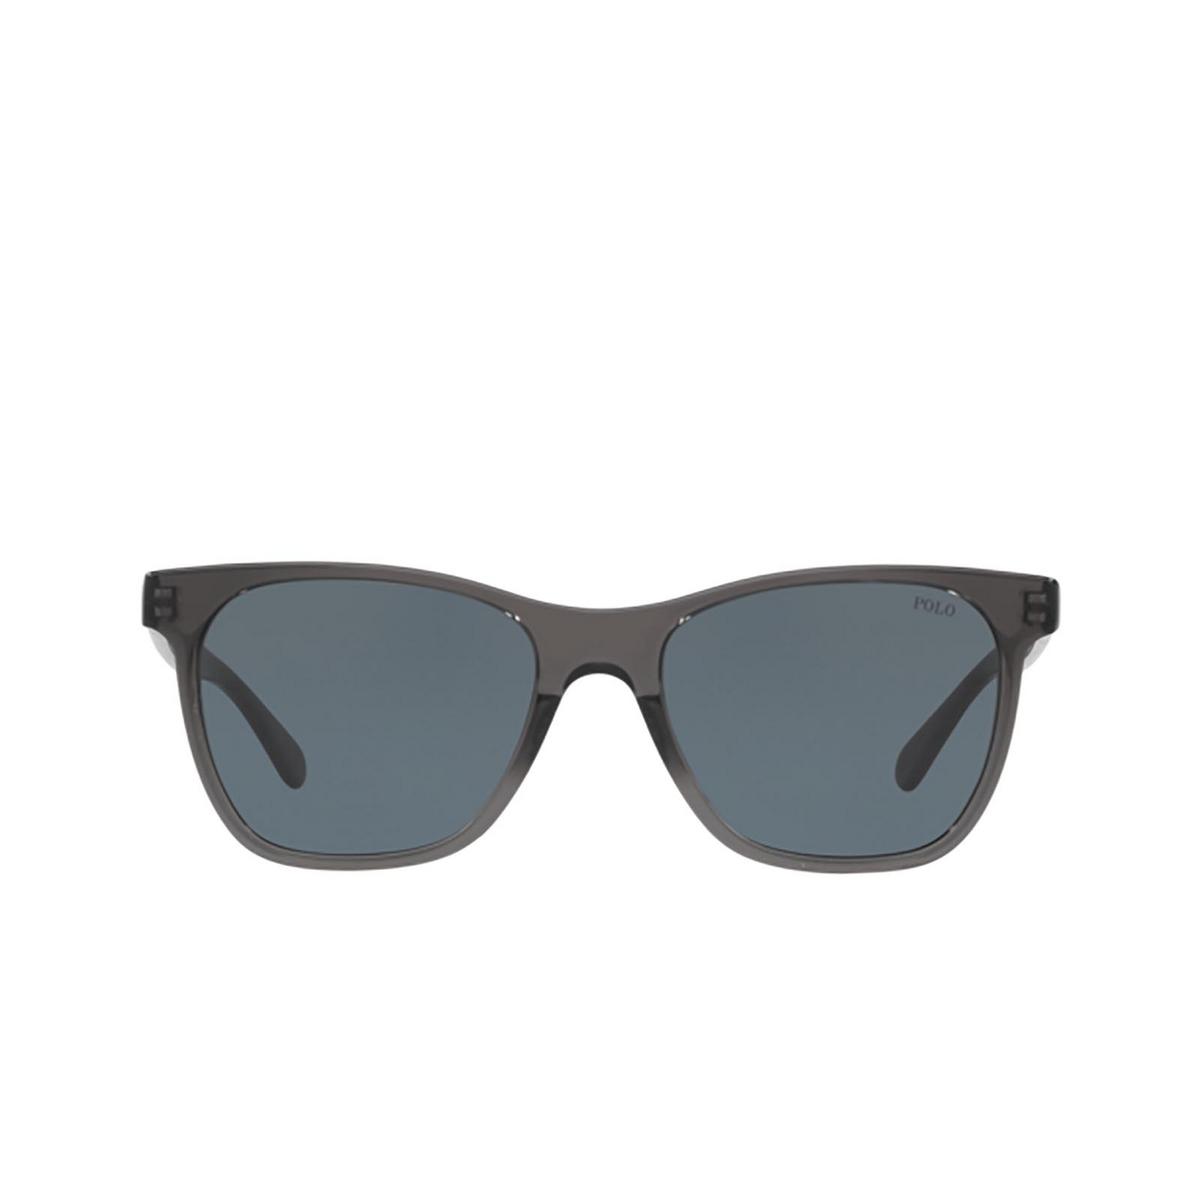 Polo Ralph Lauren® Square Sunglasses: PH4128 color 5536/87.